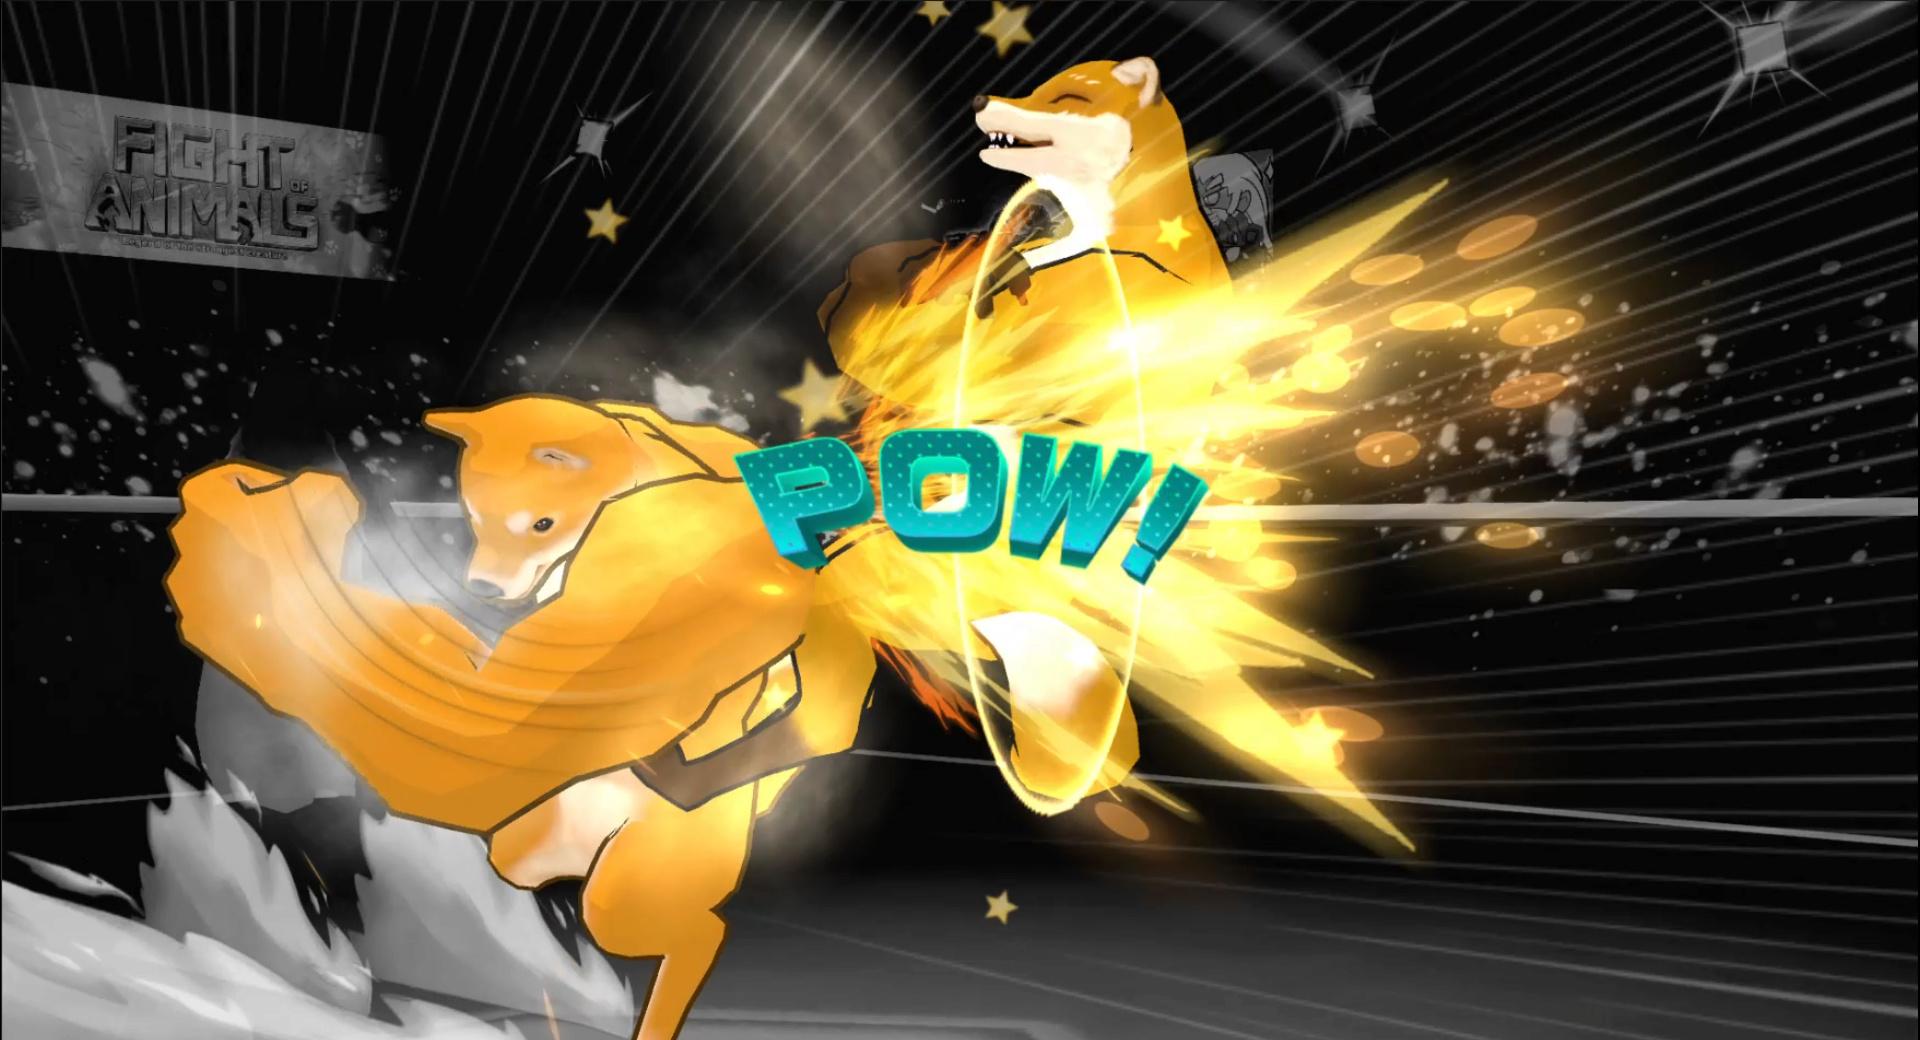 迷因格鬥遊戲《動物之鬪》正式發售! 不同次元的動物們在此齊聚激戰 480